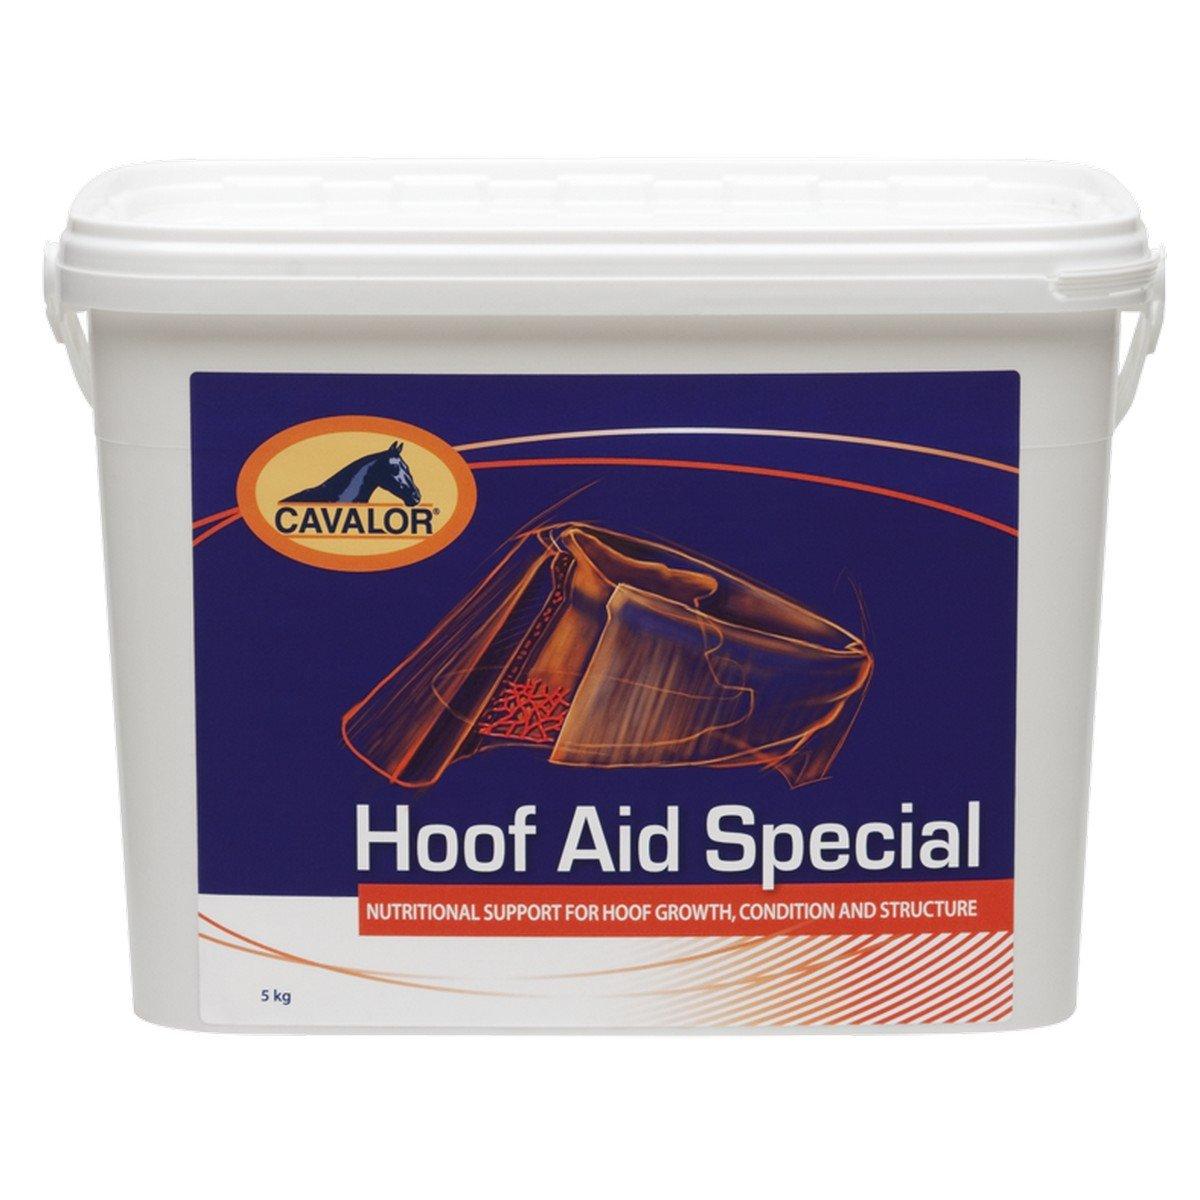 Afbeelding van Cavalor Hoof Aid Special 5kg